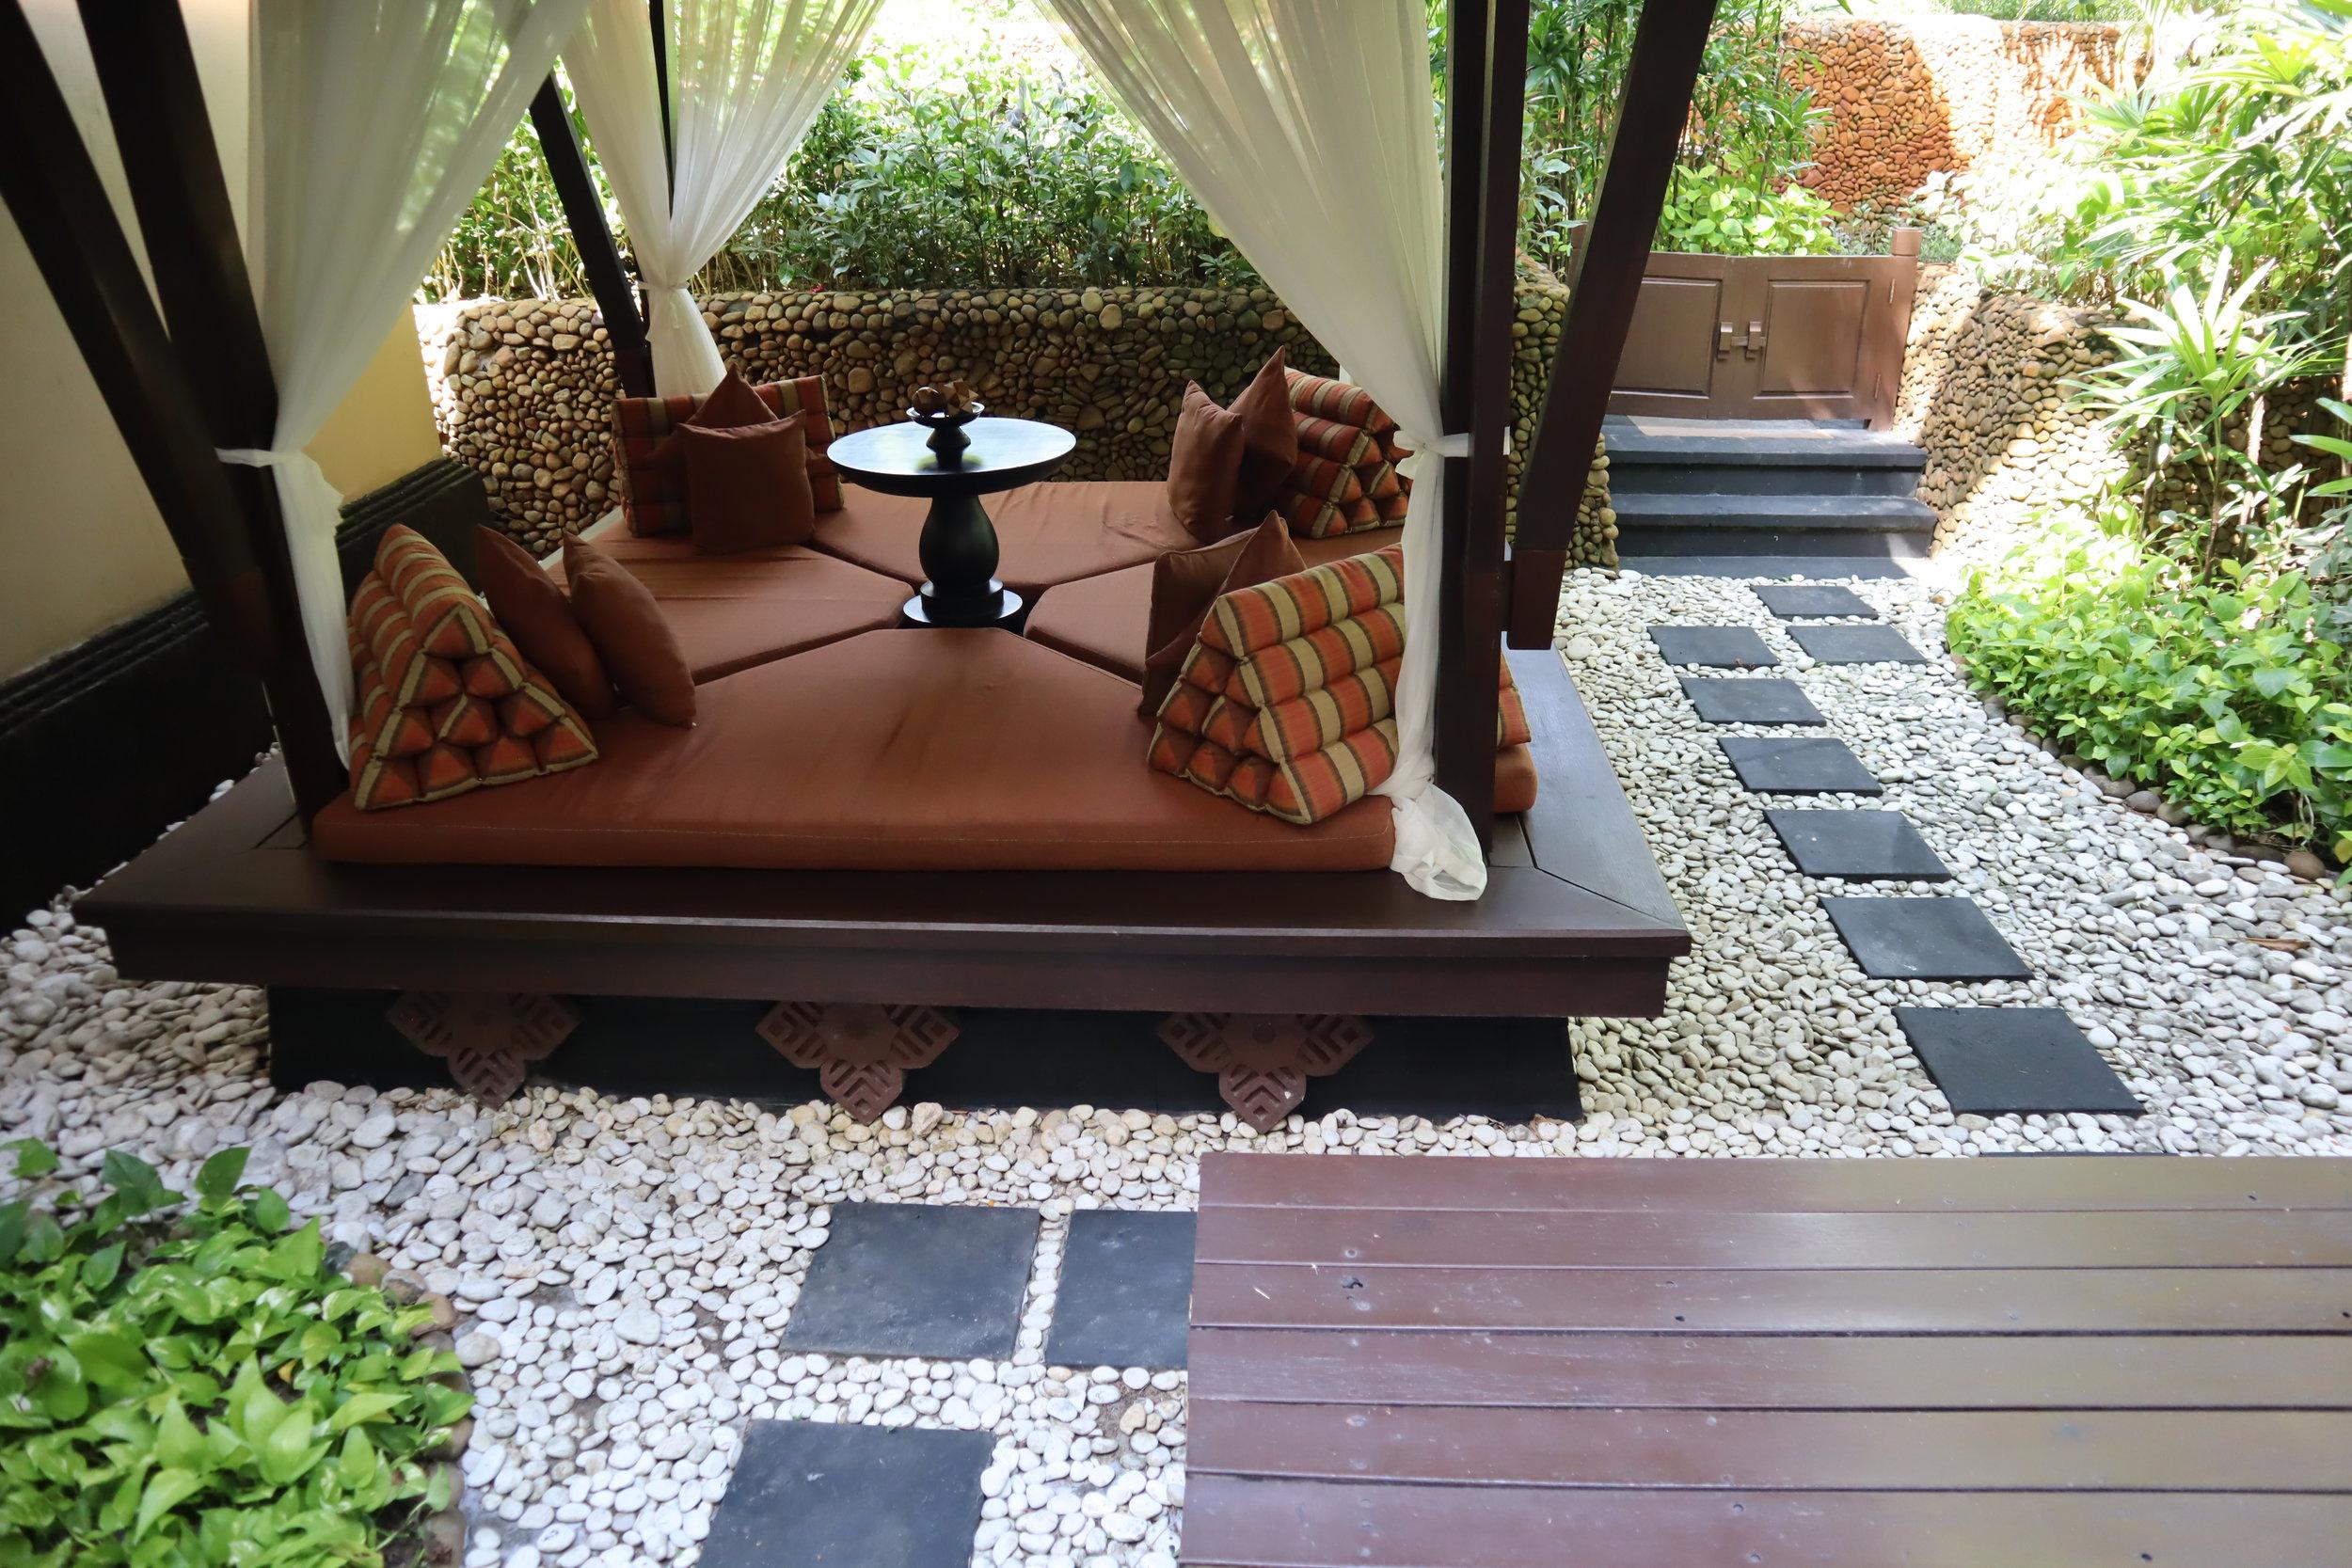 St. Regis Bali – St. Regis Pool Suite gazebo